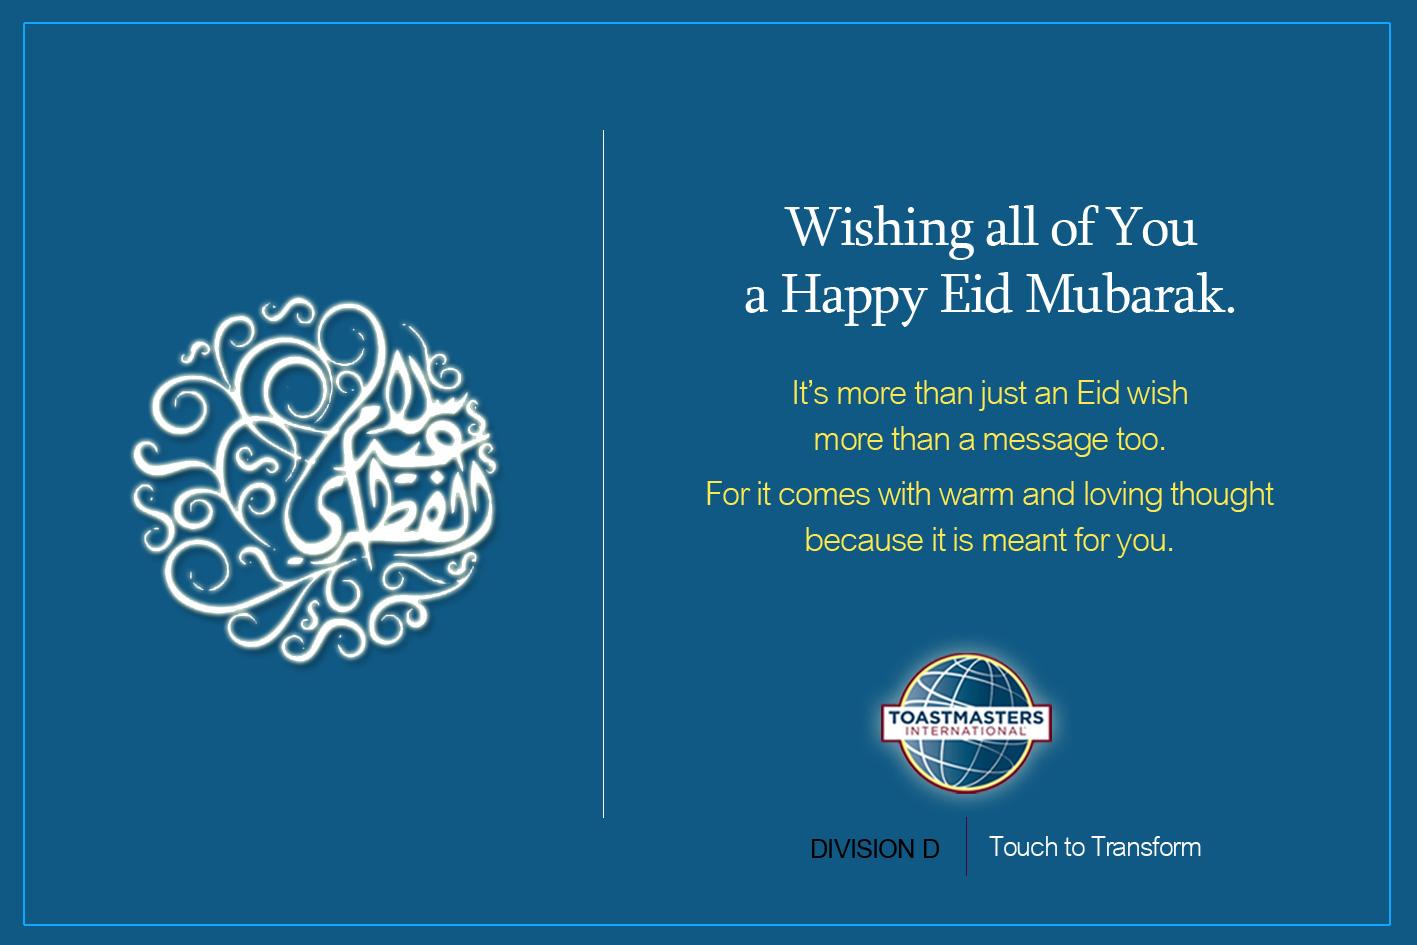 Eid Mubarak Toastmasters International Division D Oman